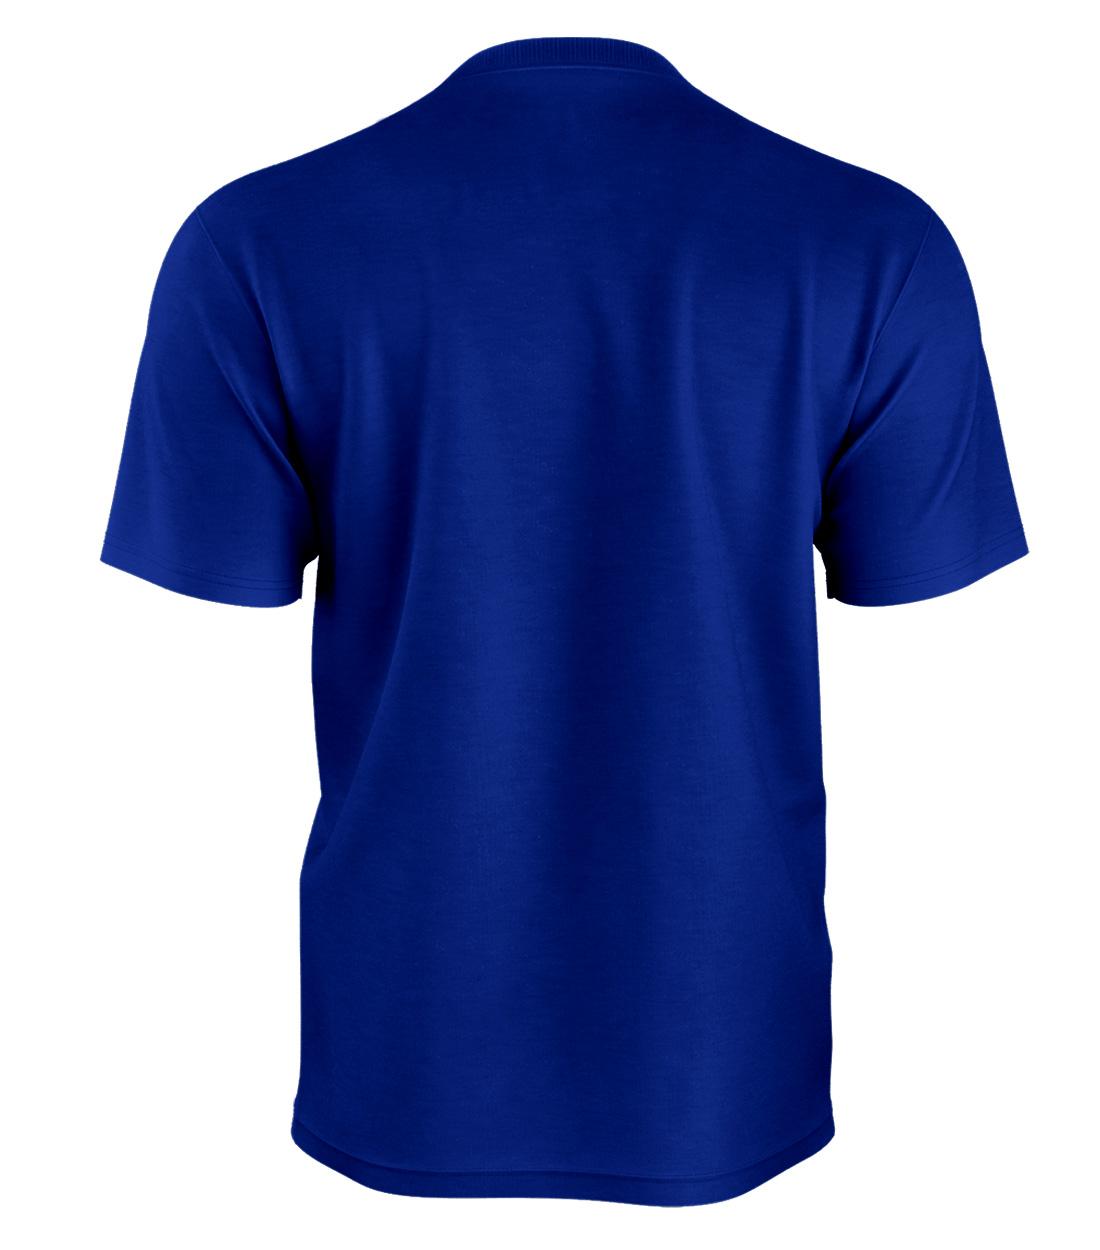 Jimmy Butler Tshirt (TSH-BLU-159-PLYR-BUTLER)